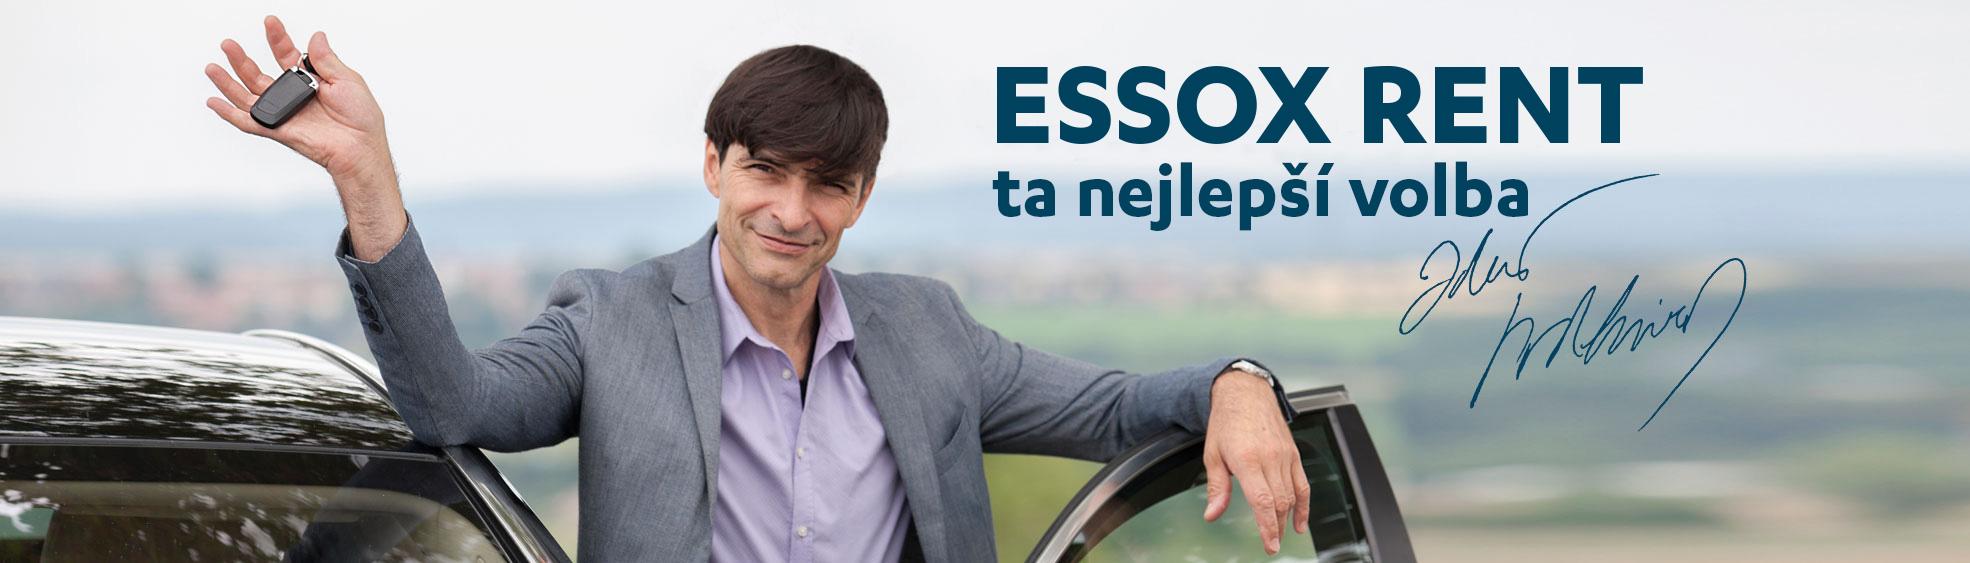 Essox Rent - Ta nejlepší volba slide 1